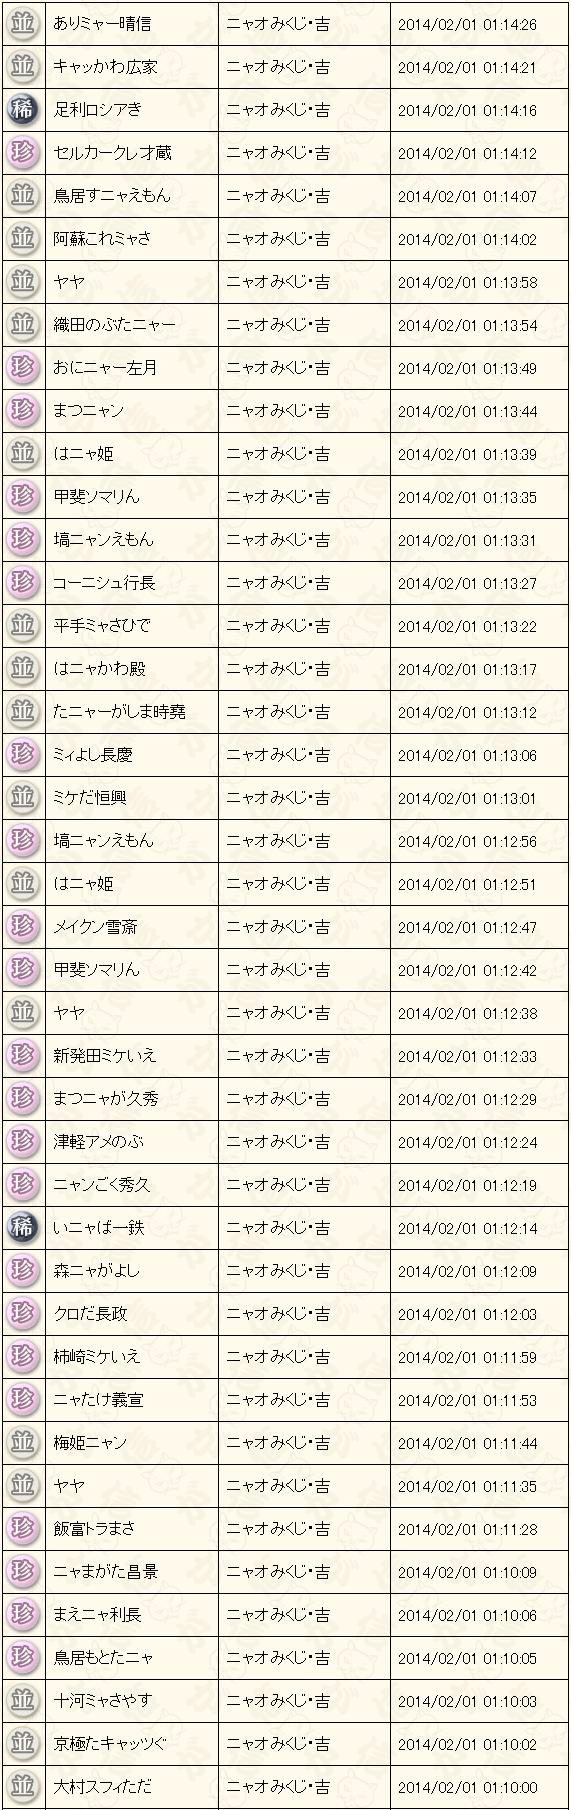 1月末くじ結果2014 1